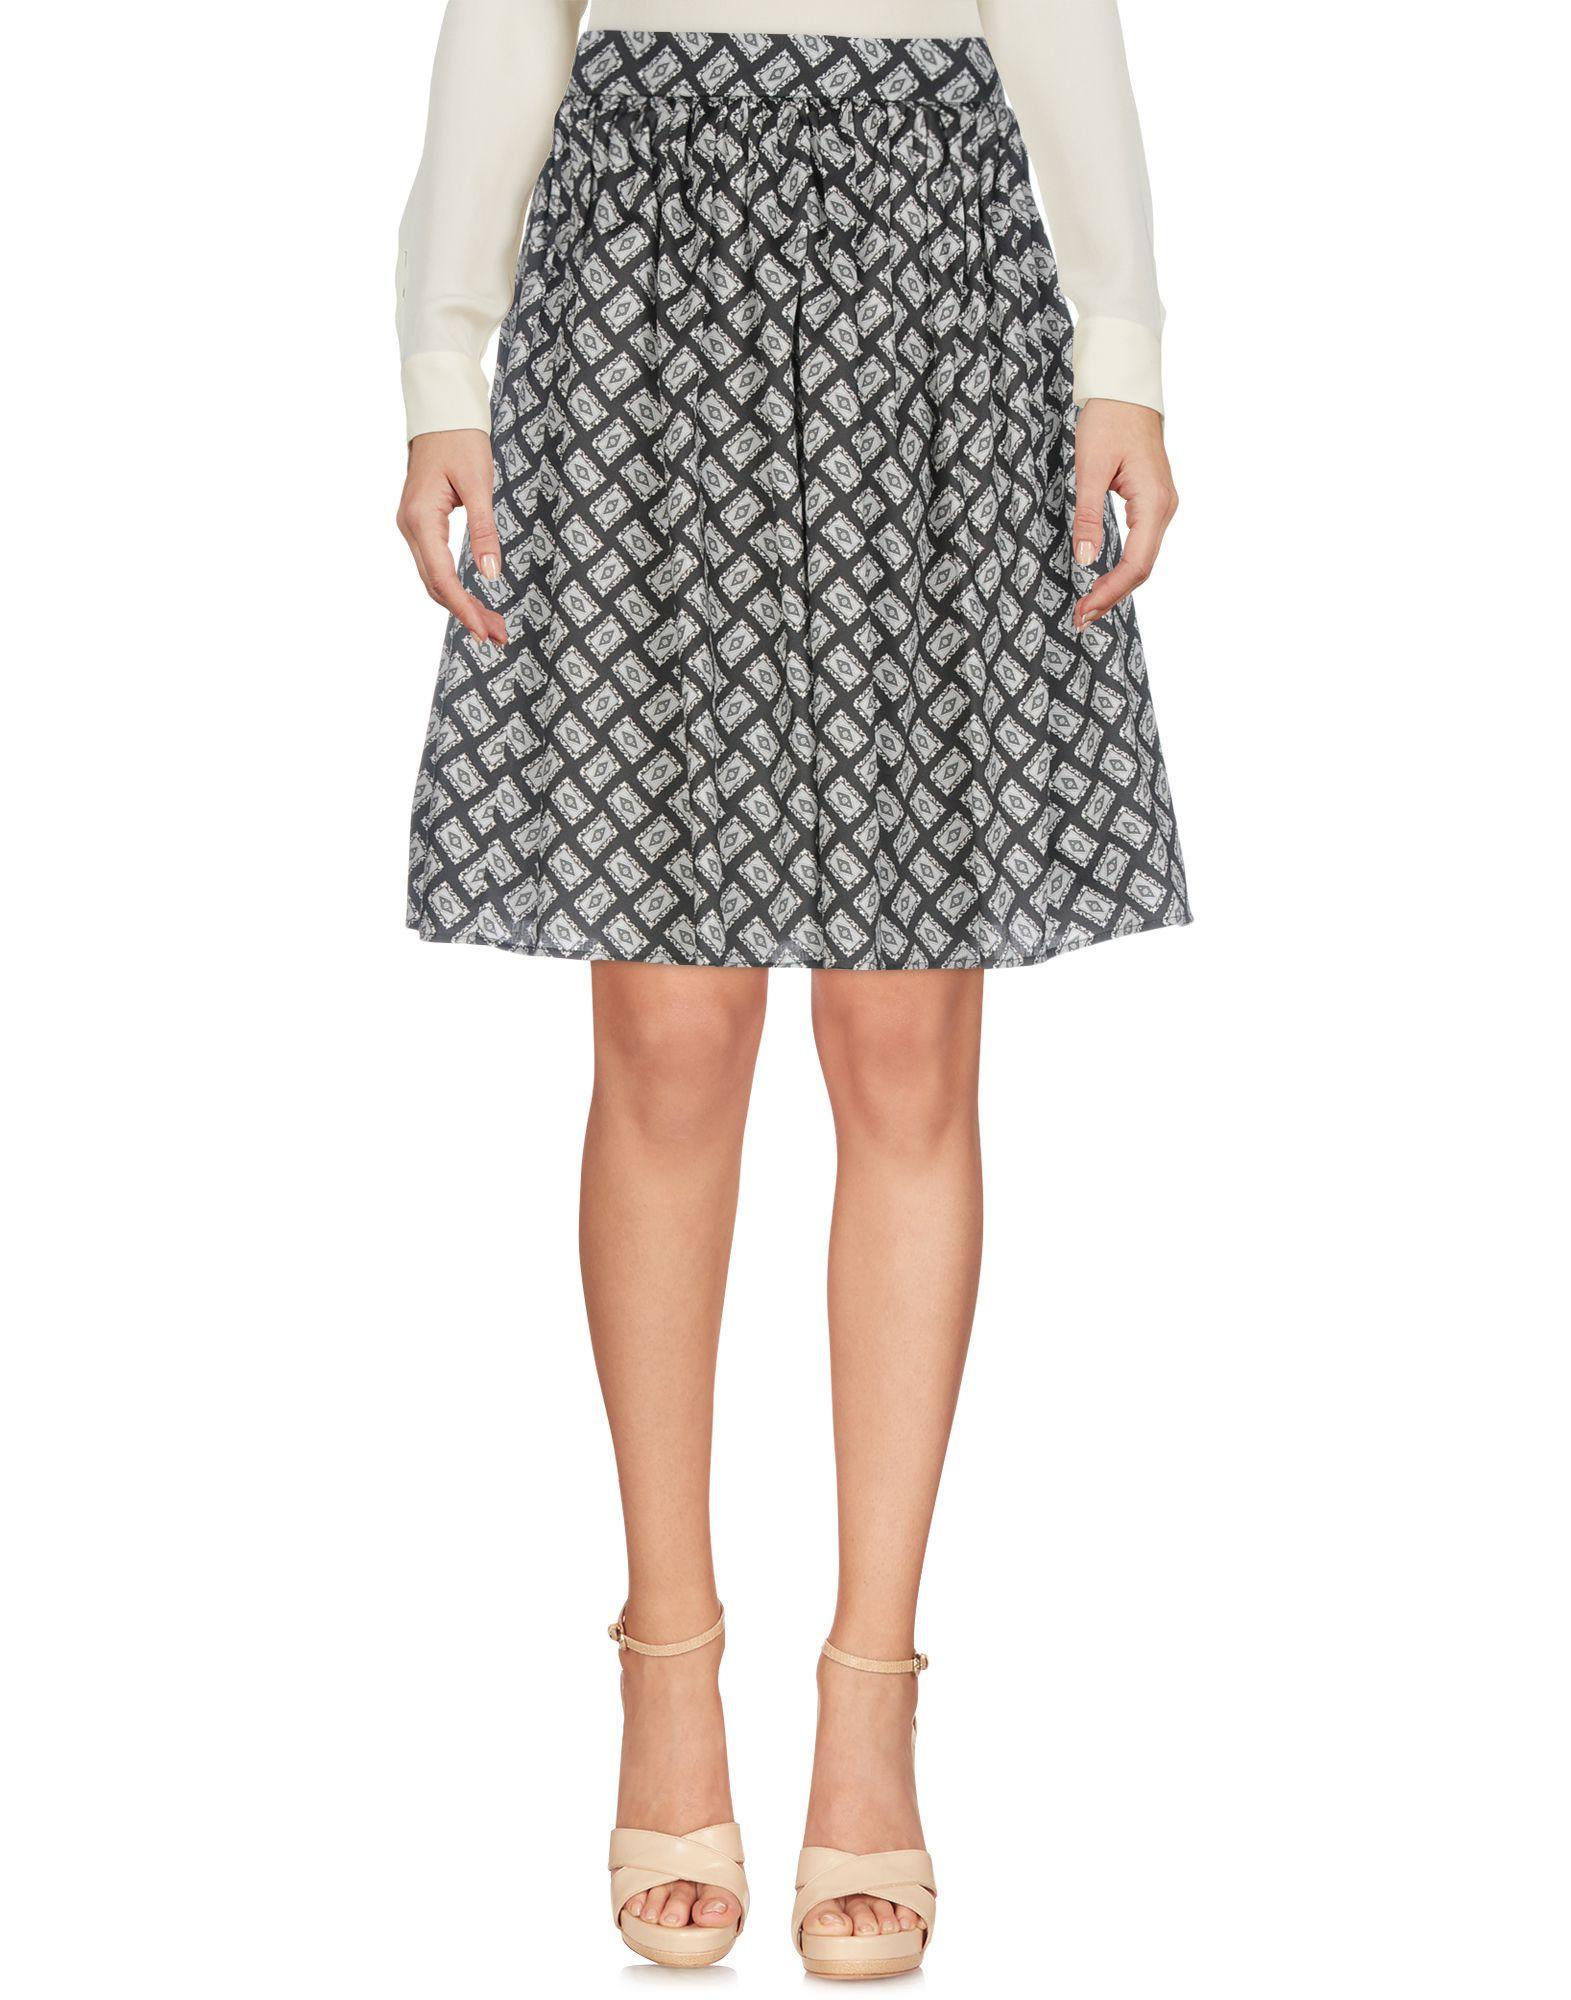 Dolce & Gabbana Knee Length Skirt In Black